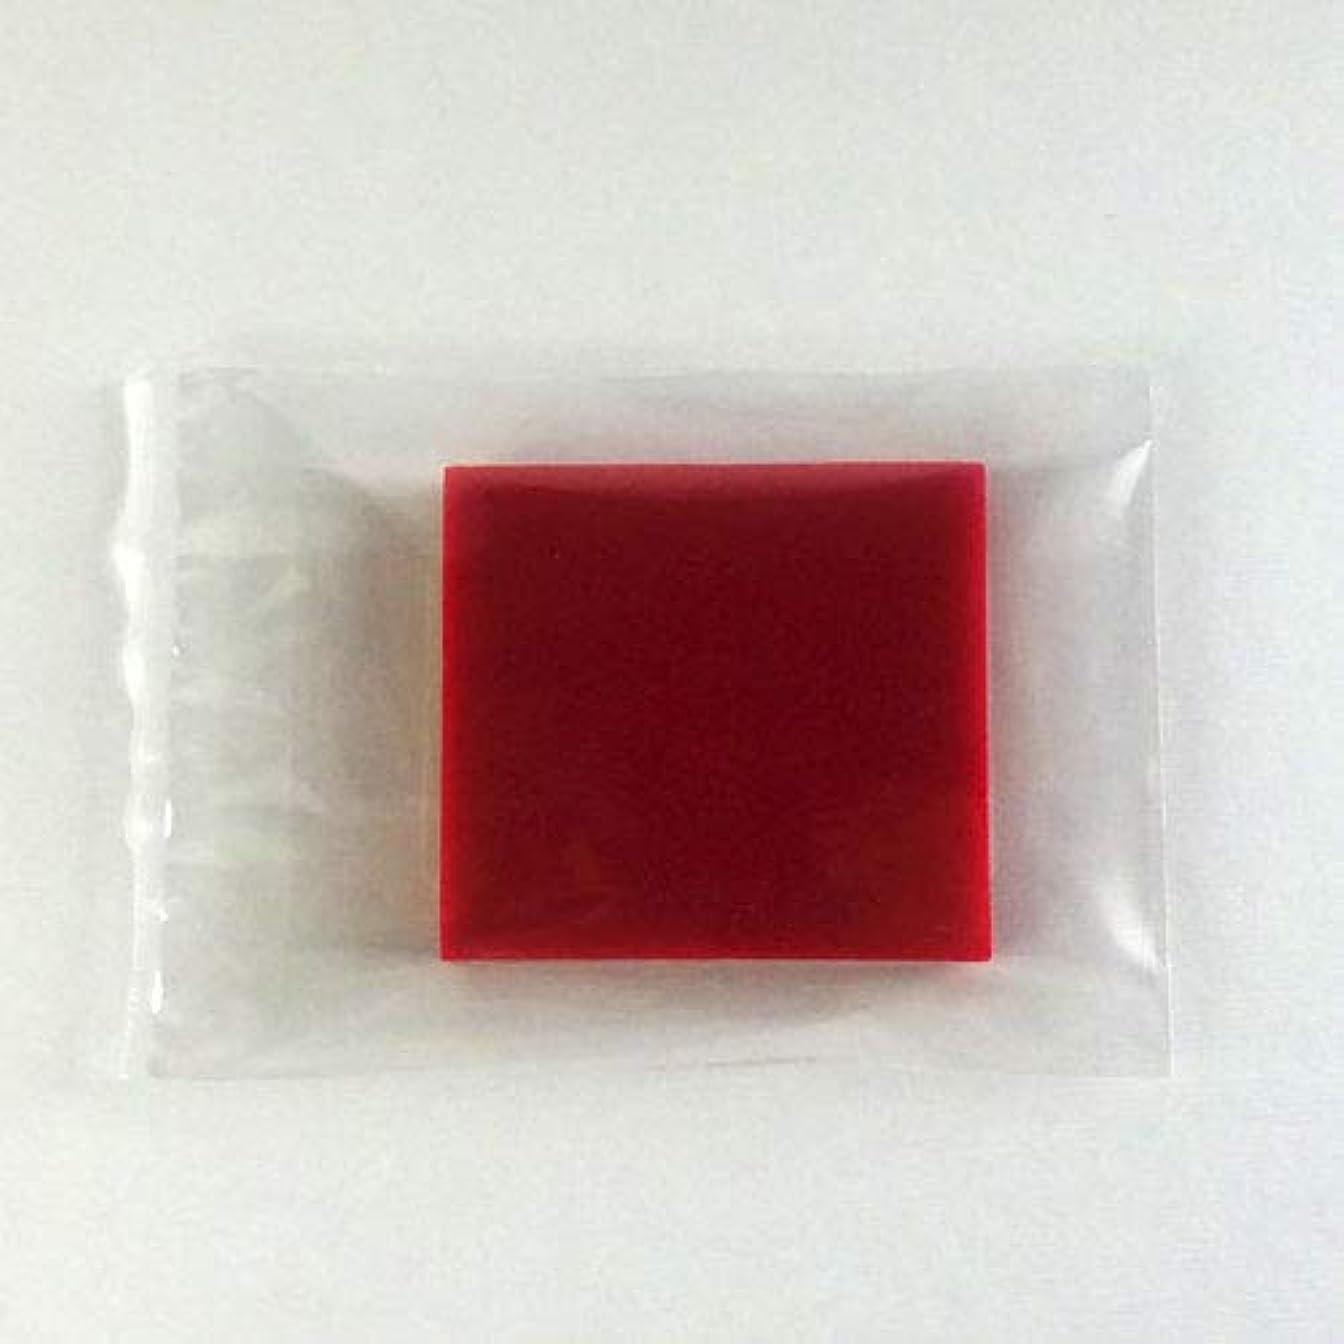 アイドル折勇気のあるグリセリンソープ MPソープ 色チップ 赤(レッド) 60g(30g x 2pc)